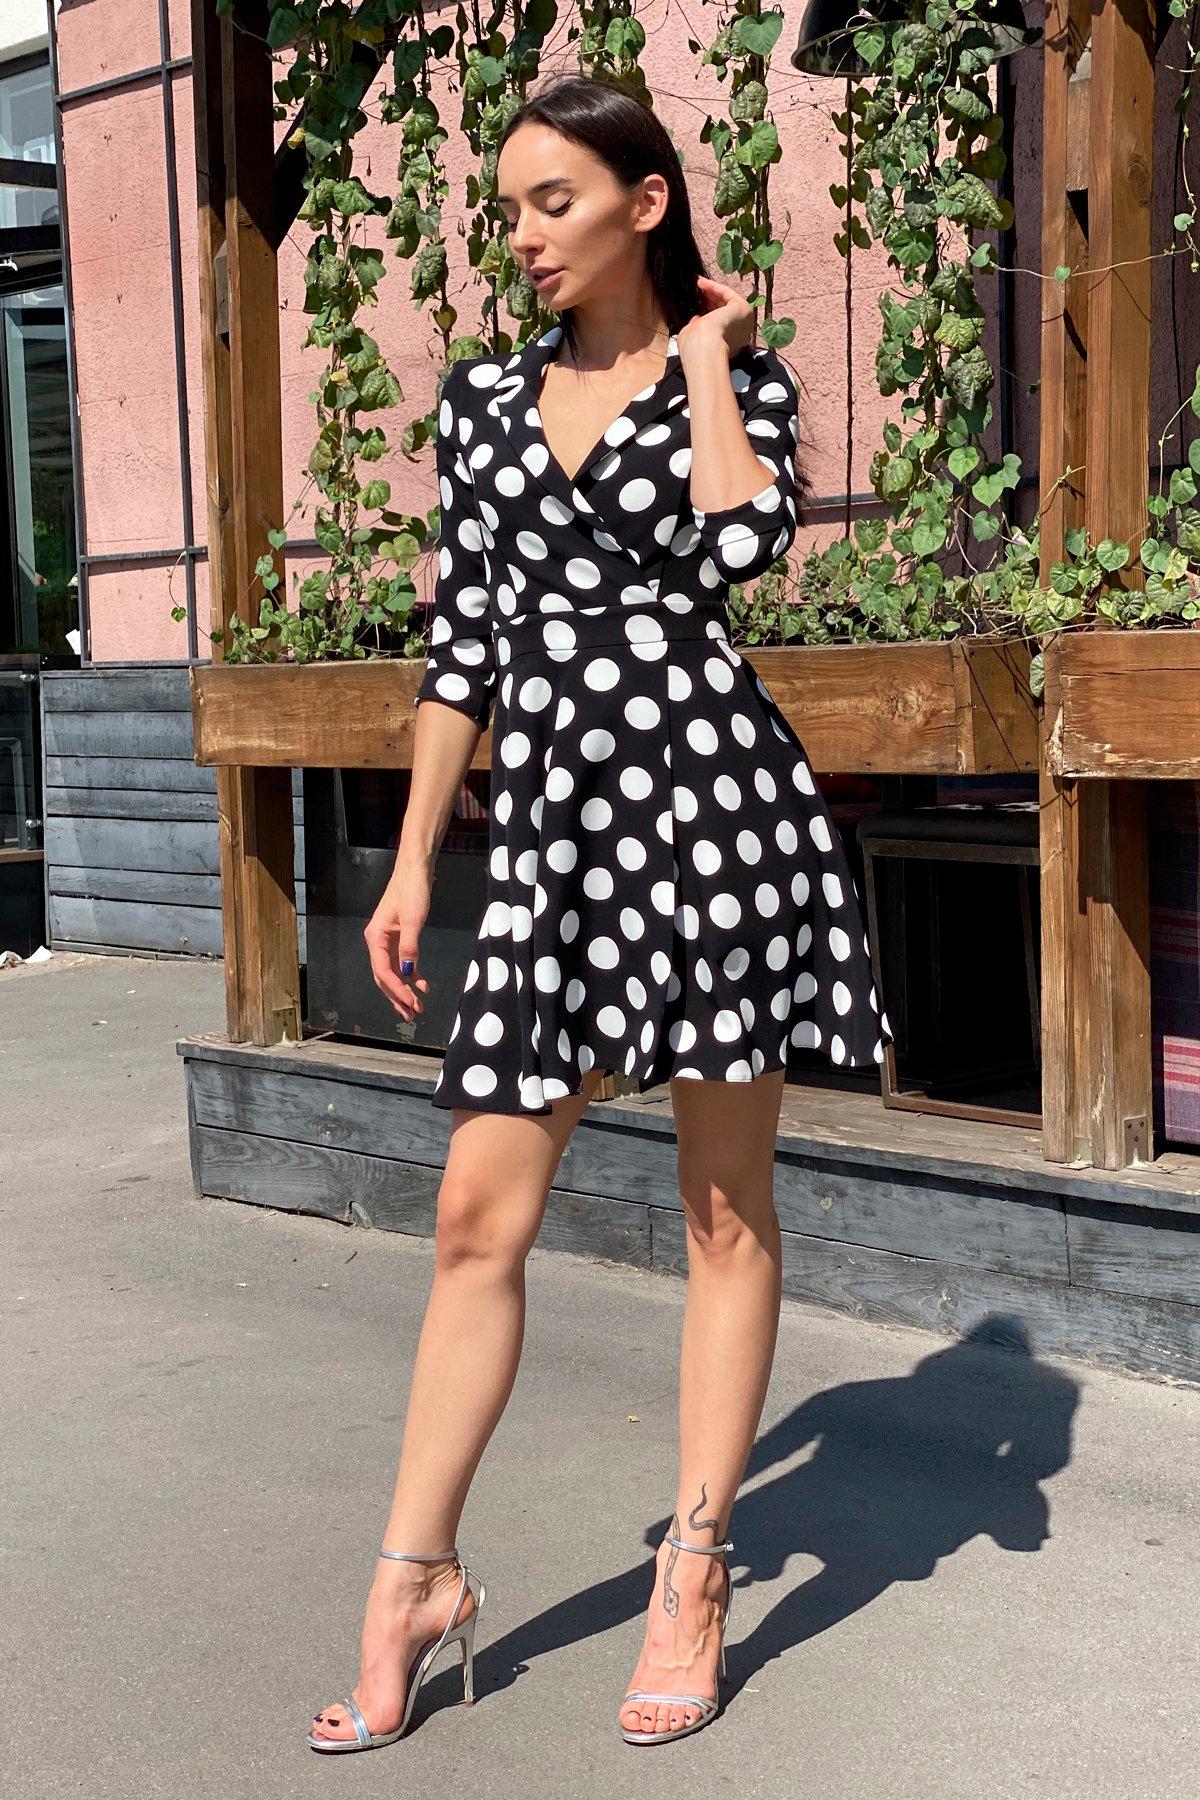 Платье в крупный горох Малья 7859 АРТ. 43760 Цвет: Черный Горох/бел крупн - фото 11, интернет магазин tm-modus.ru